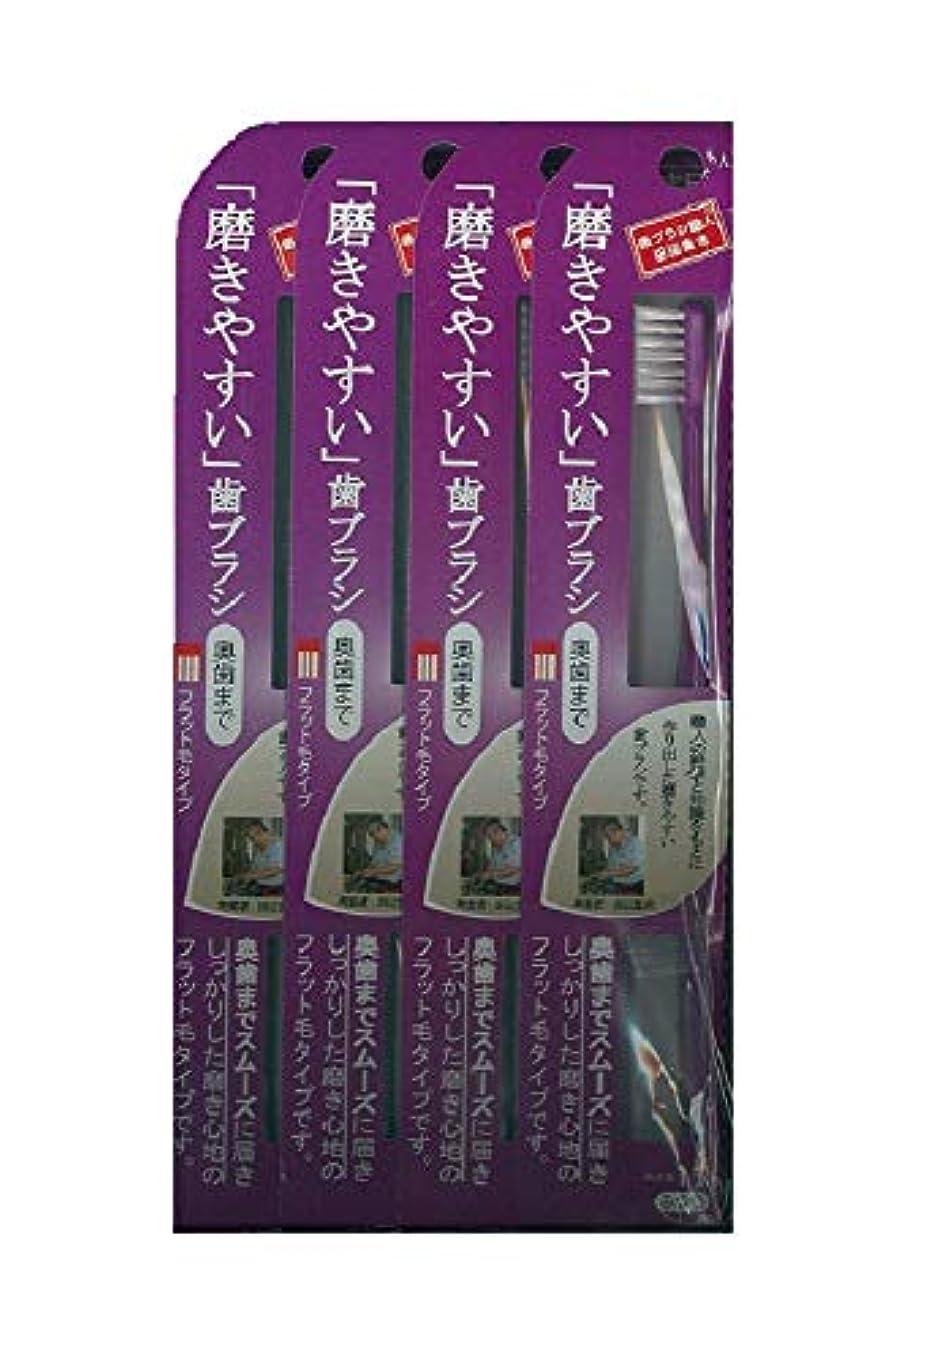 肘にやにや過敏な歯ブラシ職人 田辺重吉 磨きやすい歯ブラシ 奥歯まで フラット毛タイプ LT-11(1本×4個セット)